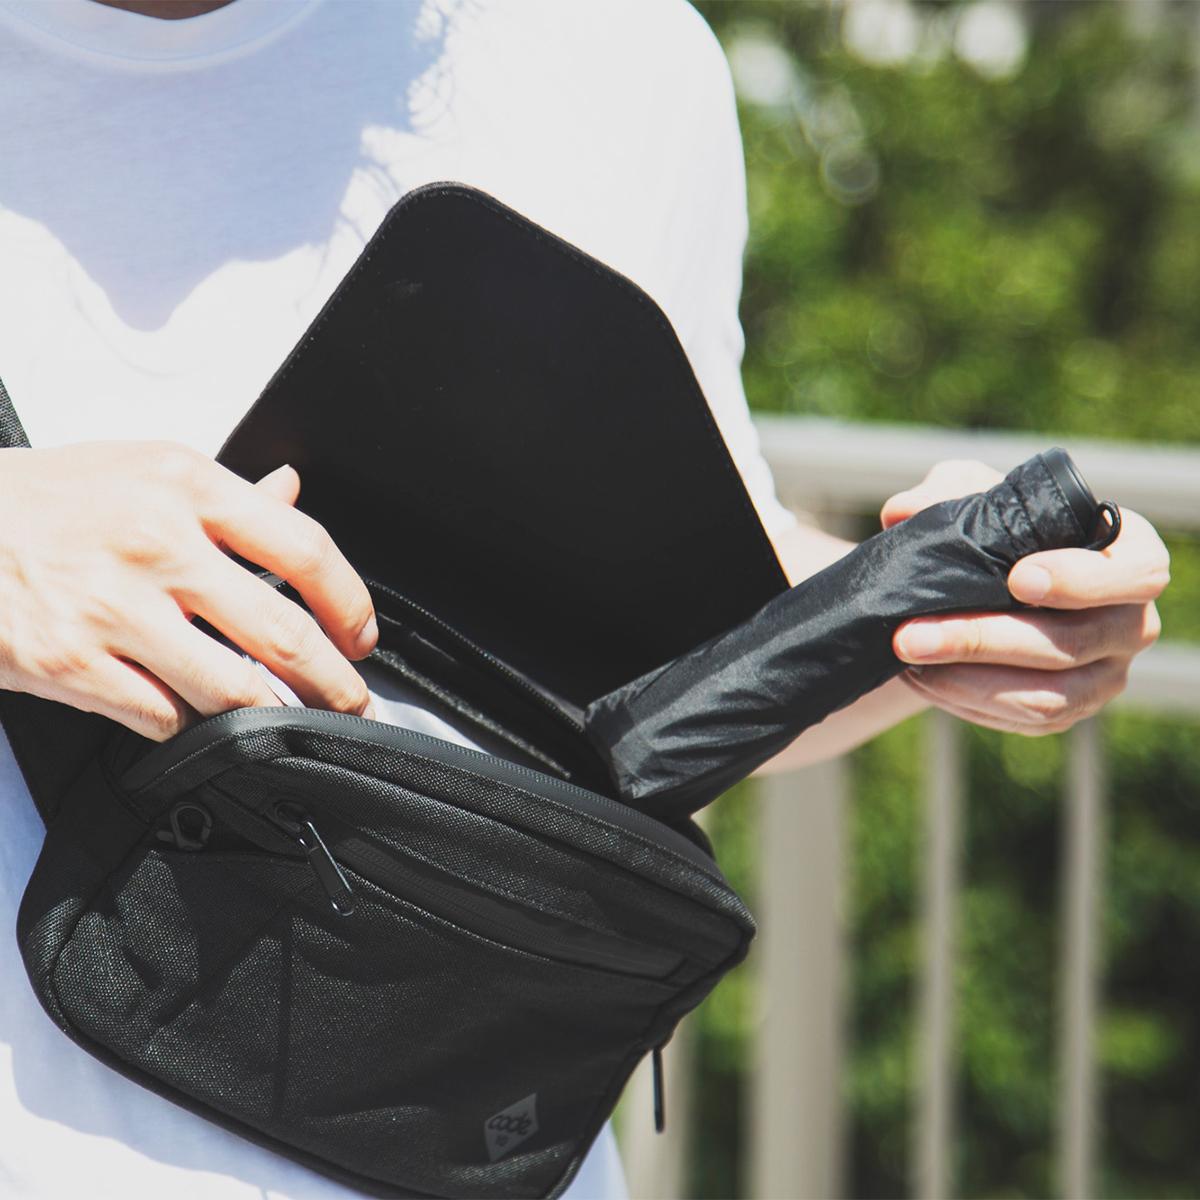 かさ張らず、いつもスマート。軽く、強く、折れにくい、カンタン収納設計、わずか17cmの世界最小級折りたたみ傘「マイクロ傘」|スギタ